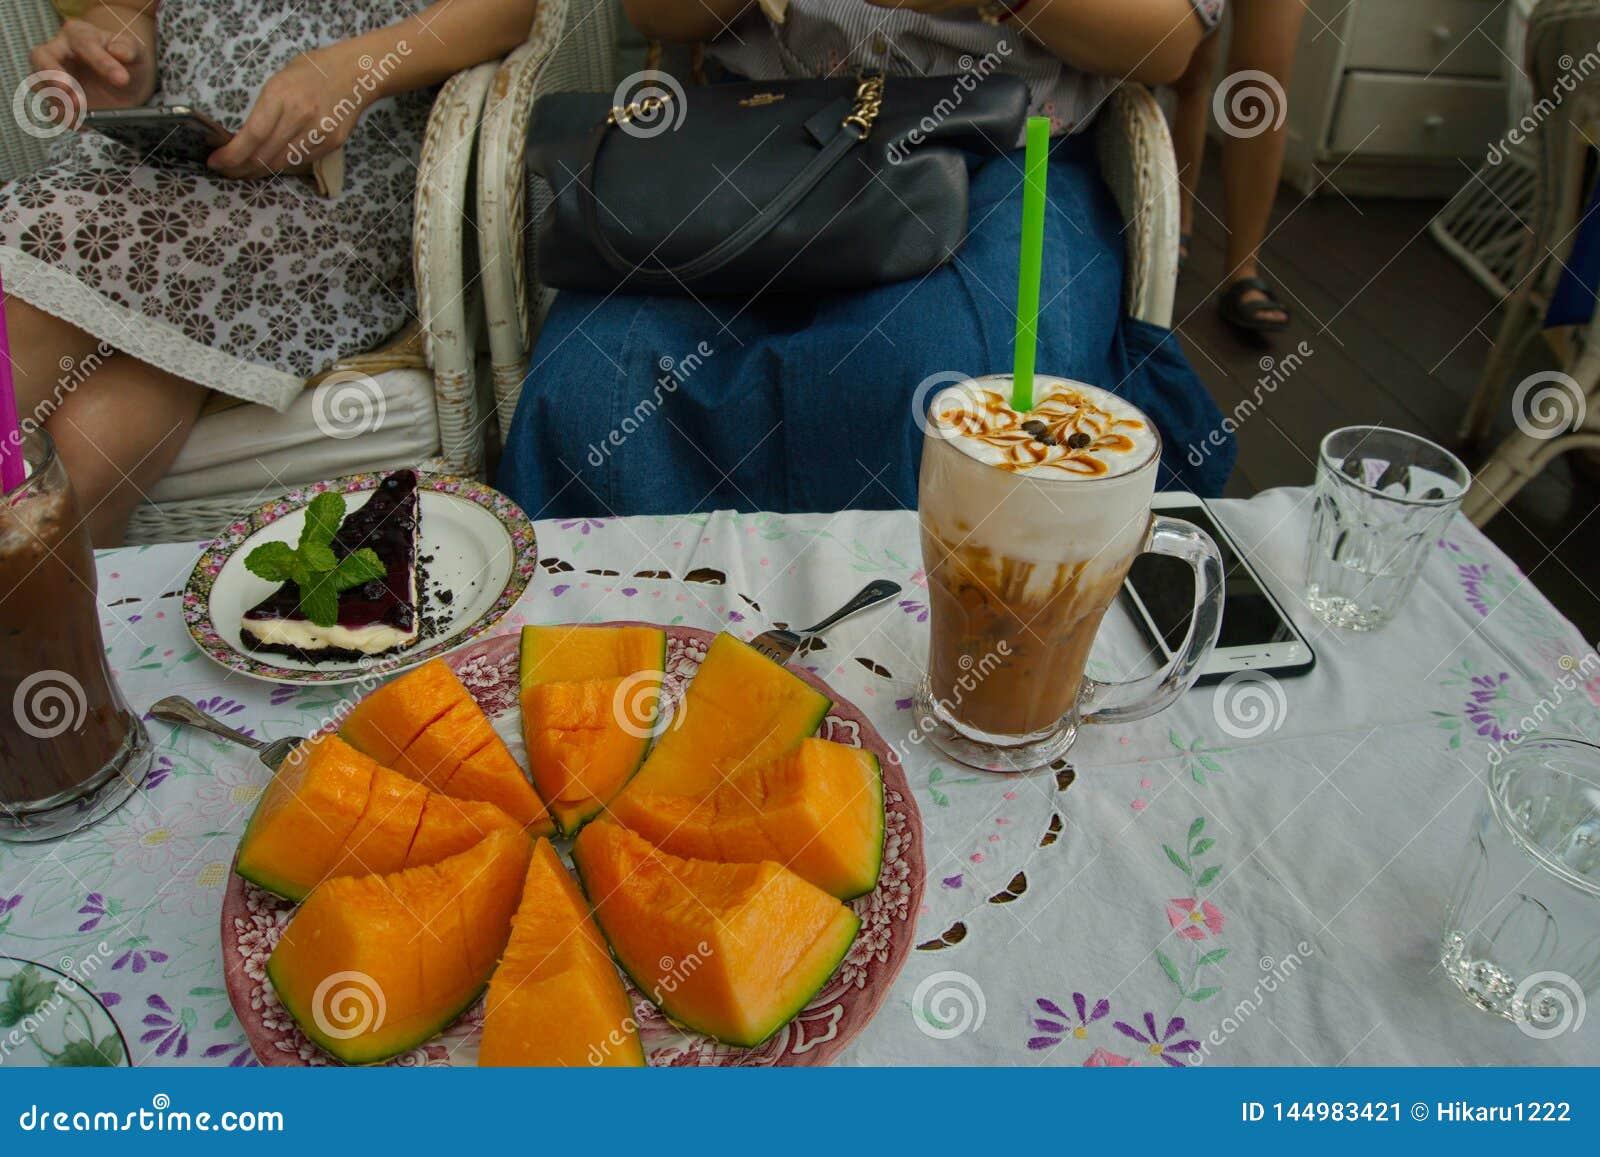 有甜瓜瓜切片,一杯冰焦糖拿铁咖啡,并且蓝莓乳酪蛋糕片断在桌上